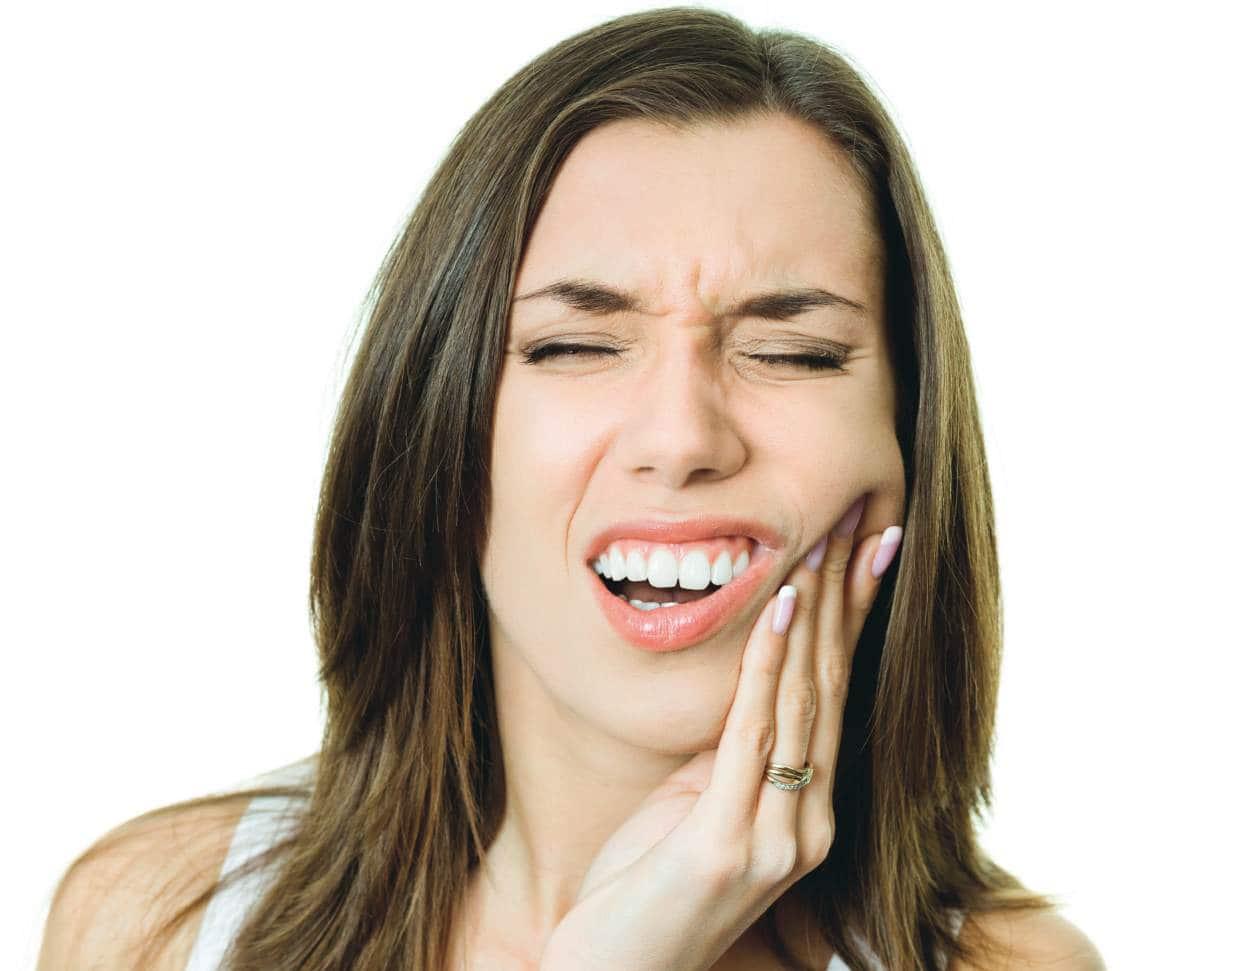 Hamile dişleri anestezi ile tedavi etmek mümkün mü